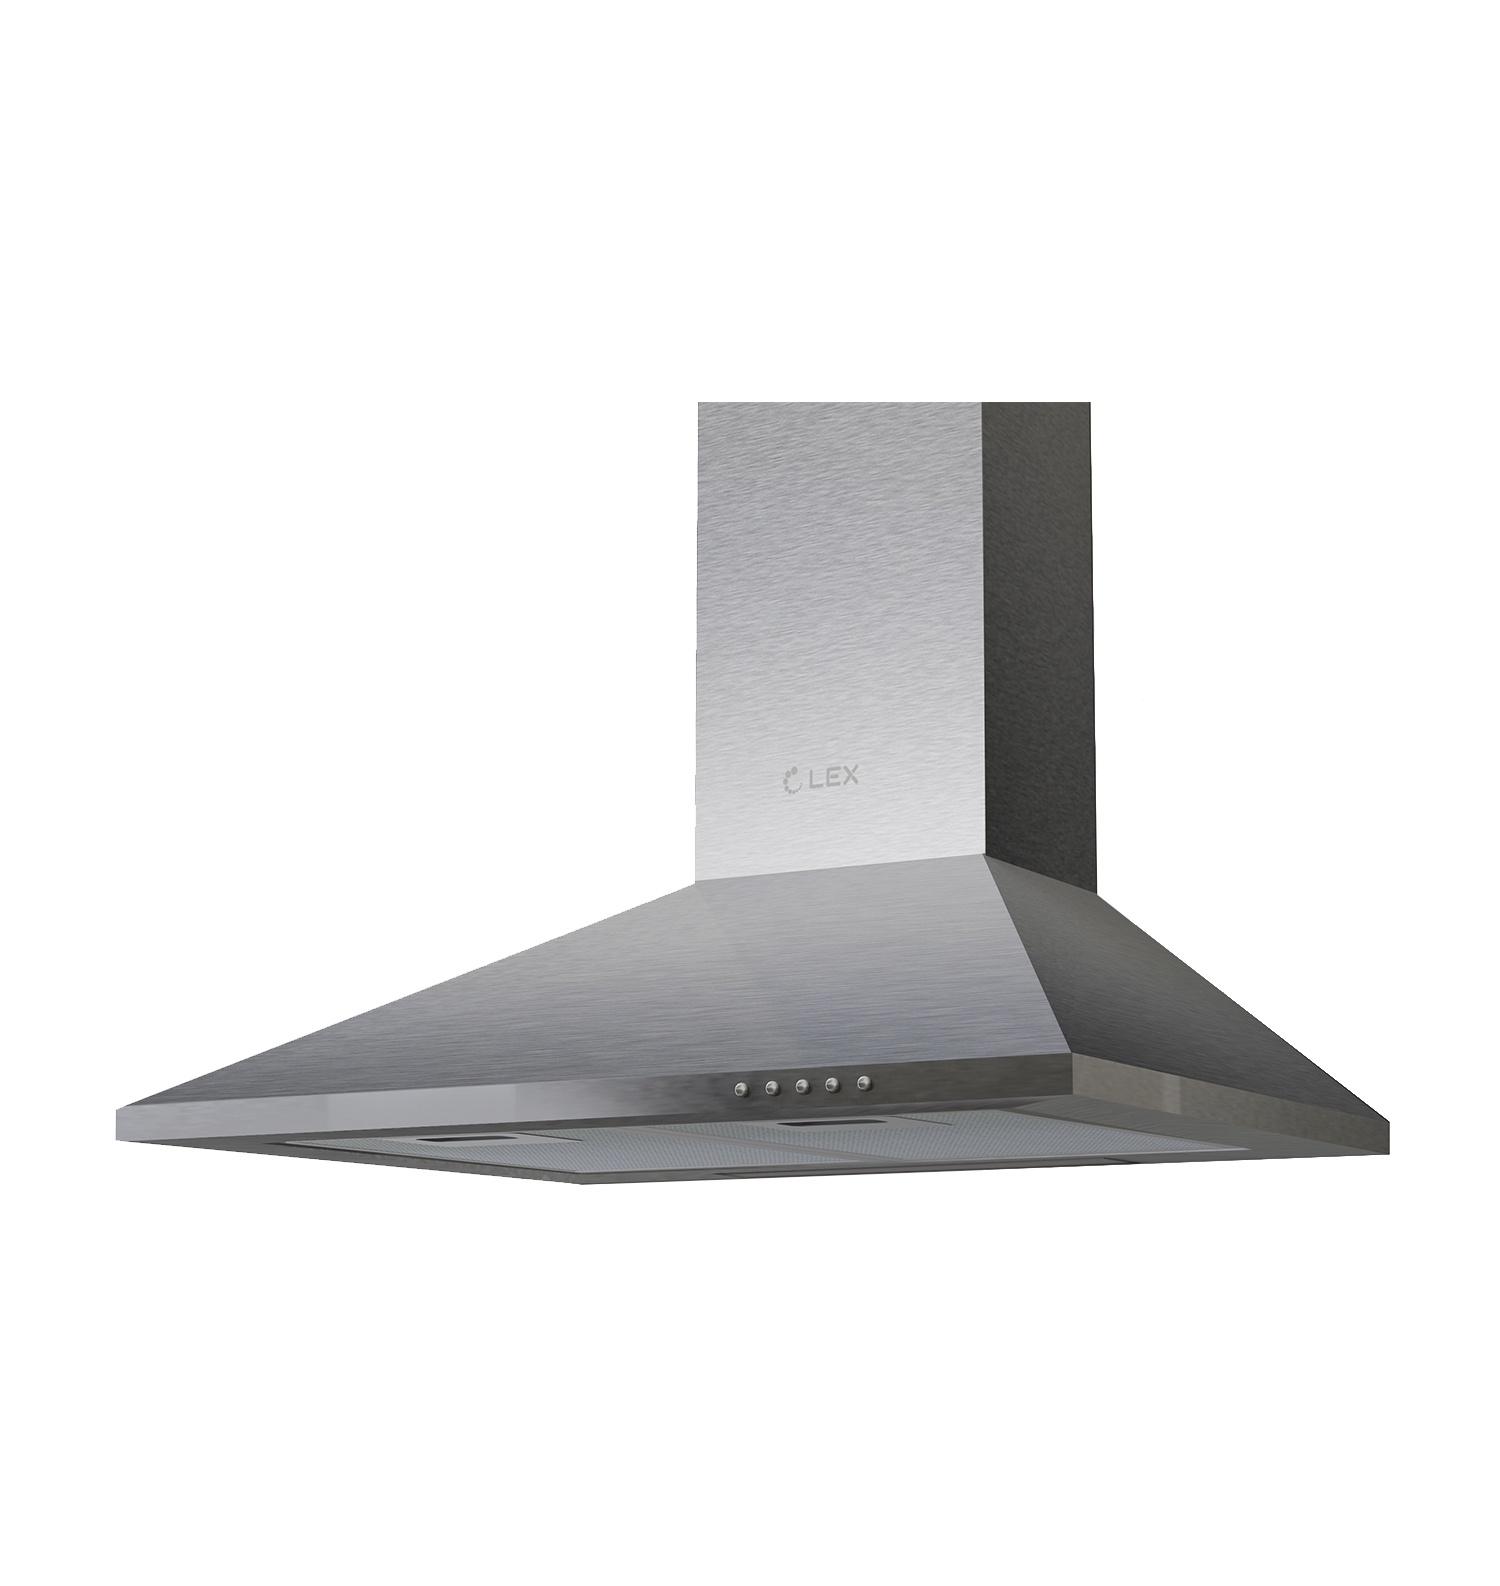 Вытяжка LEX Basic 500 Inox, серый металлик